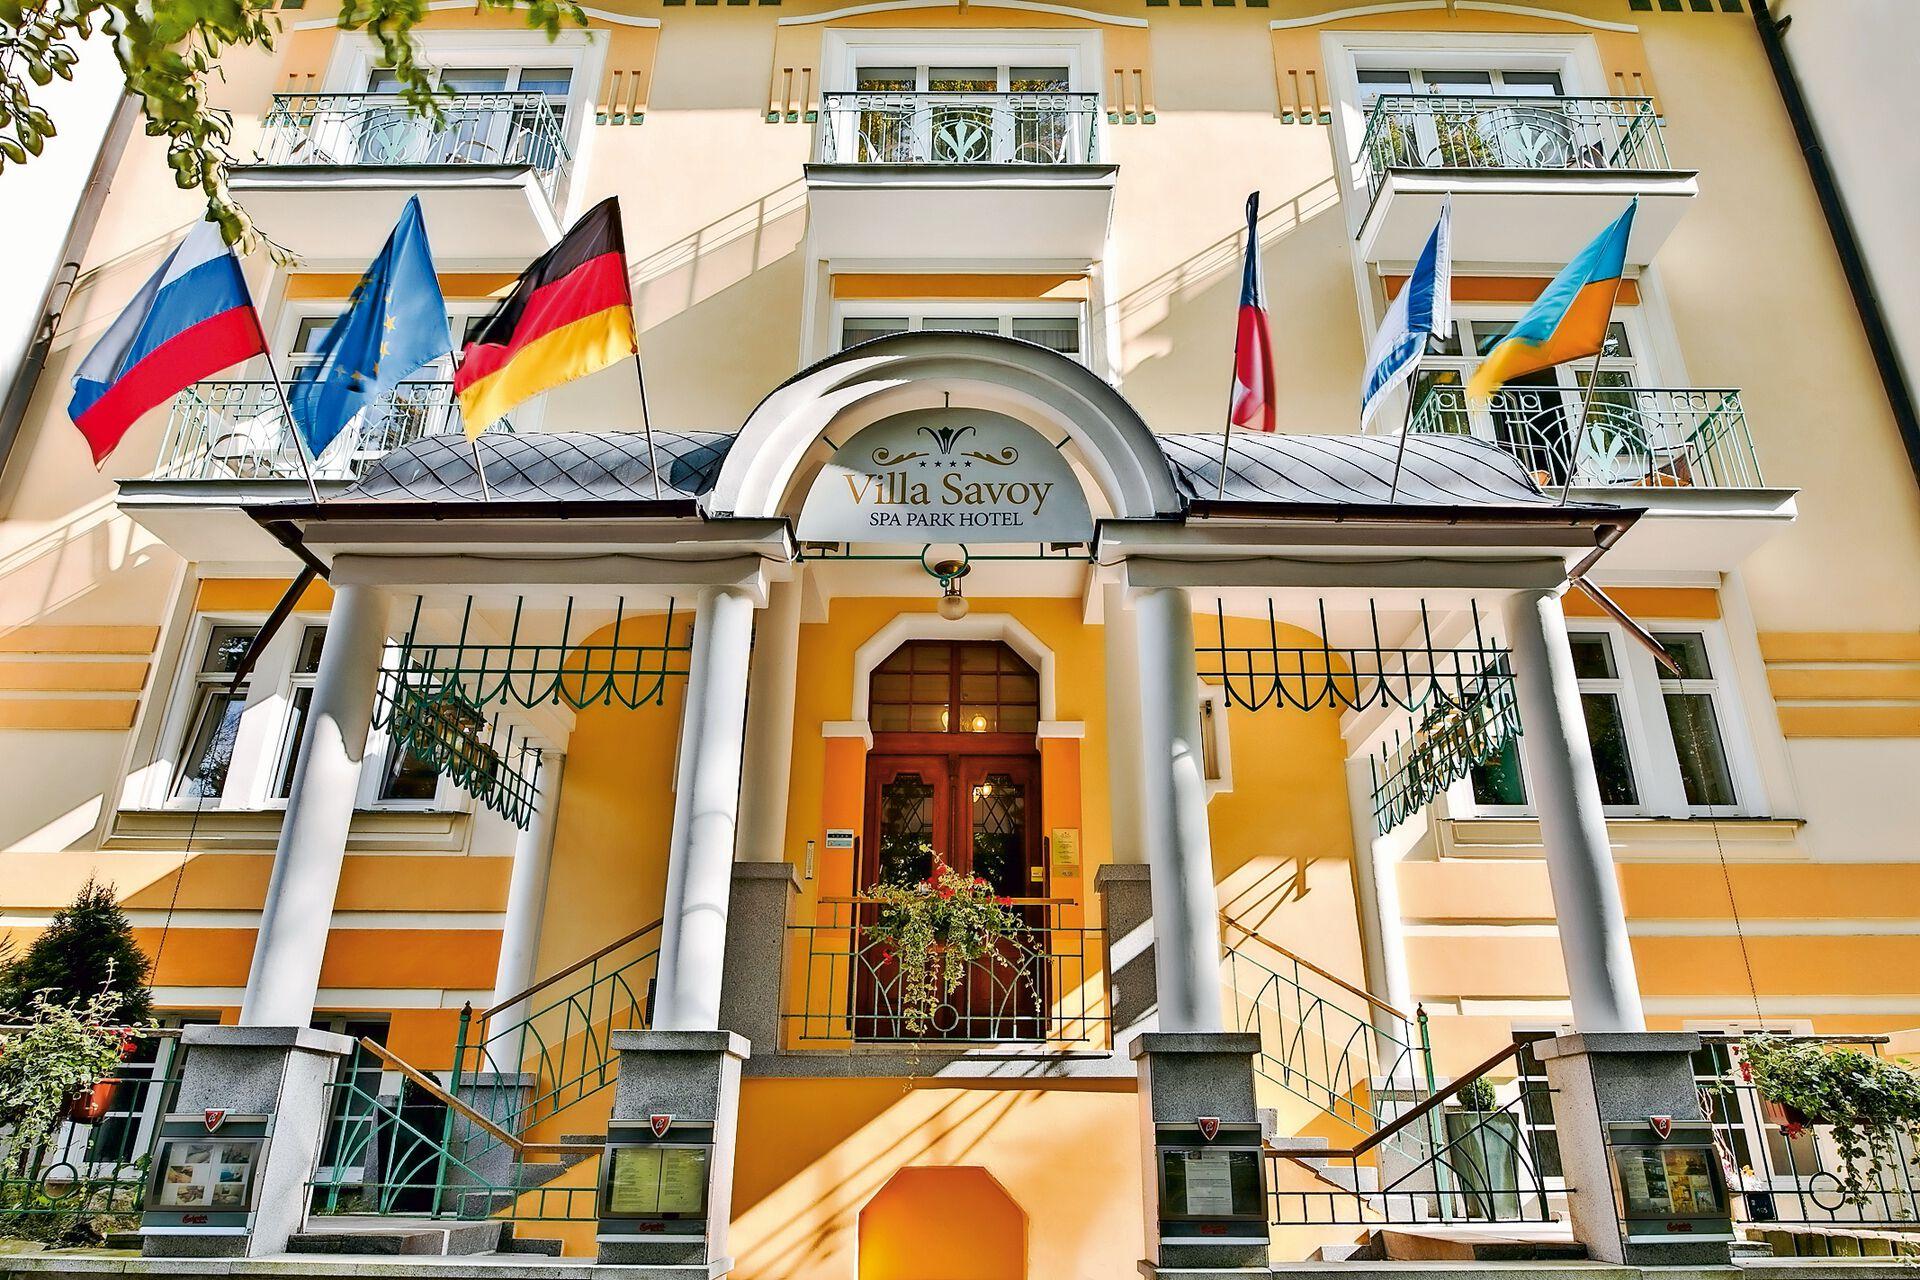 Herzlich Willkommen in Ihrem 4 Sterne Villa Savoy Spa Park Hotel